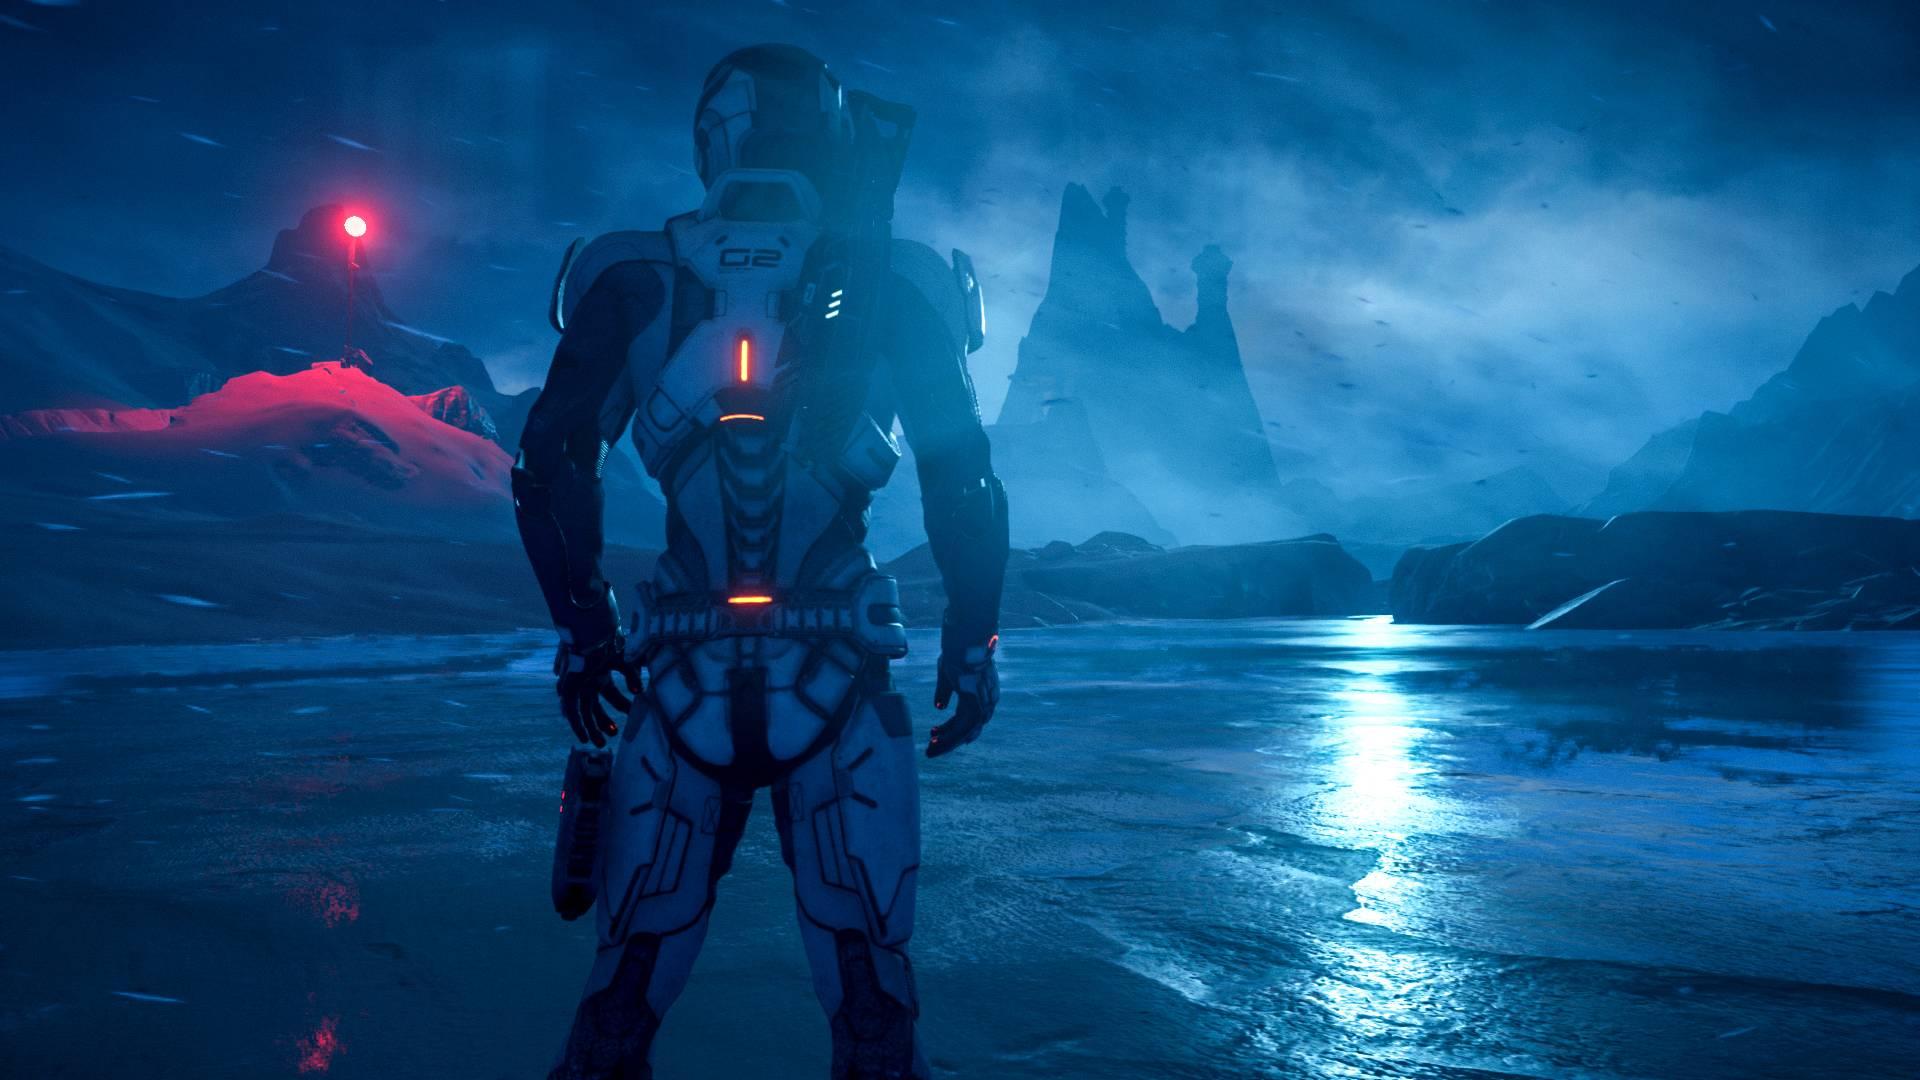 Wallpaper Video Games Blue Mass Effect Andromeda Screenshot